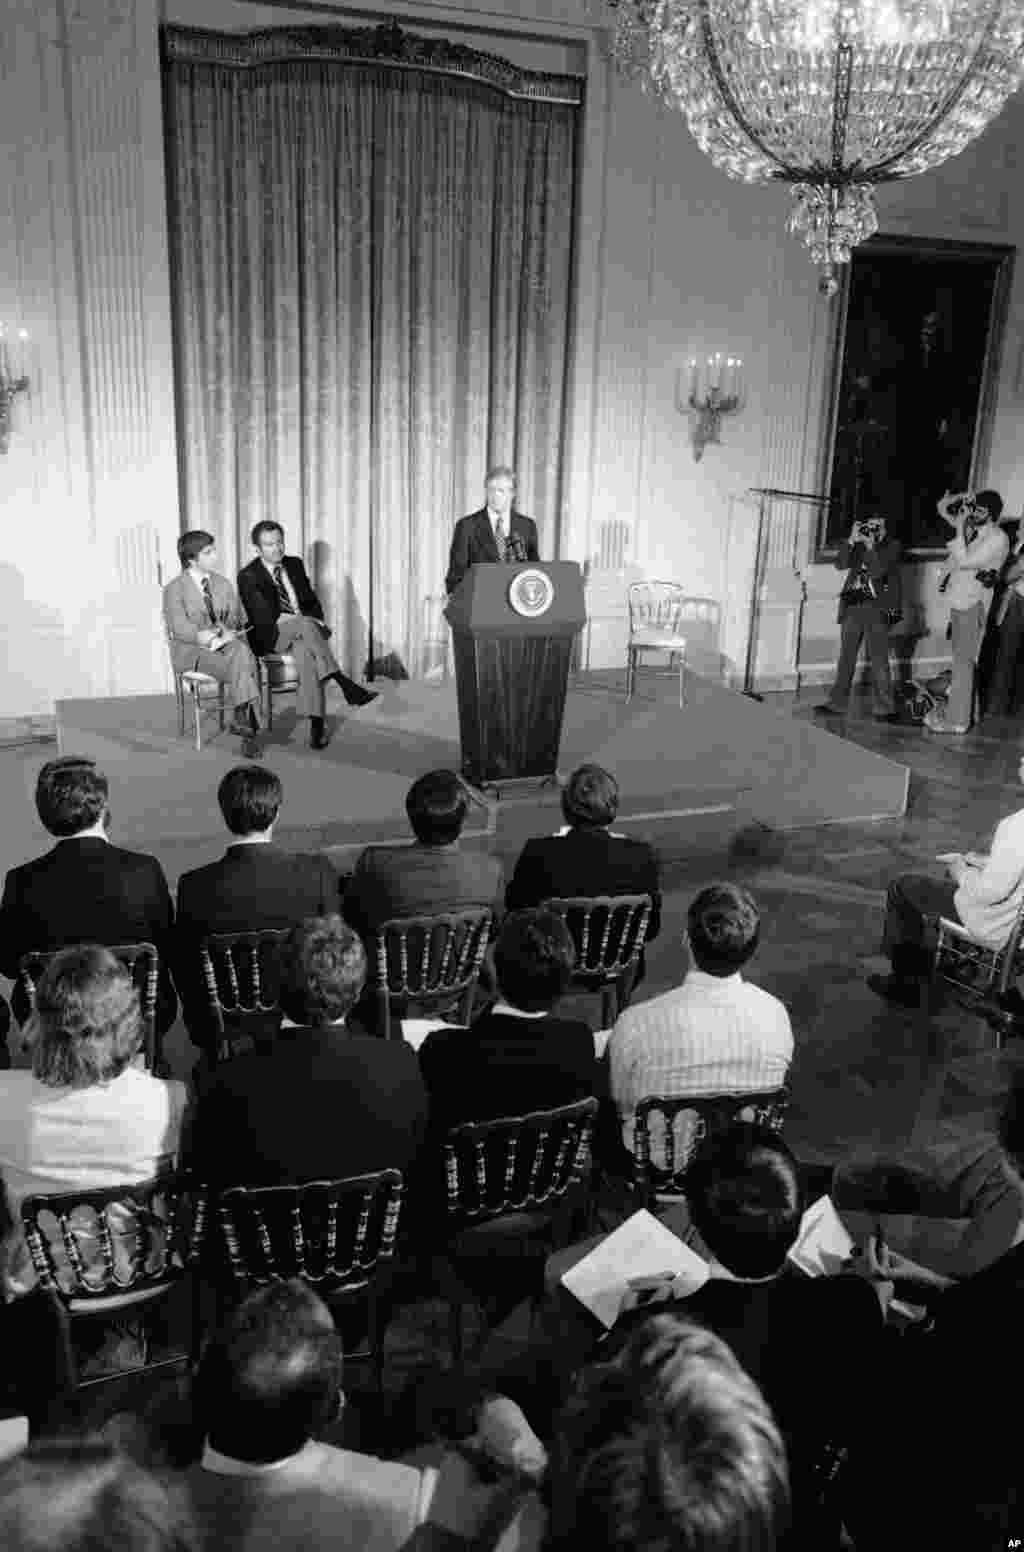 Президент США Джиммі Картер звертається до спортсменів, які готувалися до участі в Іграх у Москві. Вашингтон, 21 березня 1980 року. Картер просив атлетів підтримати запропонований бойкот Олімпіади у відповідь на початок афганської кампанії